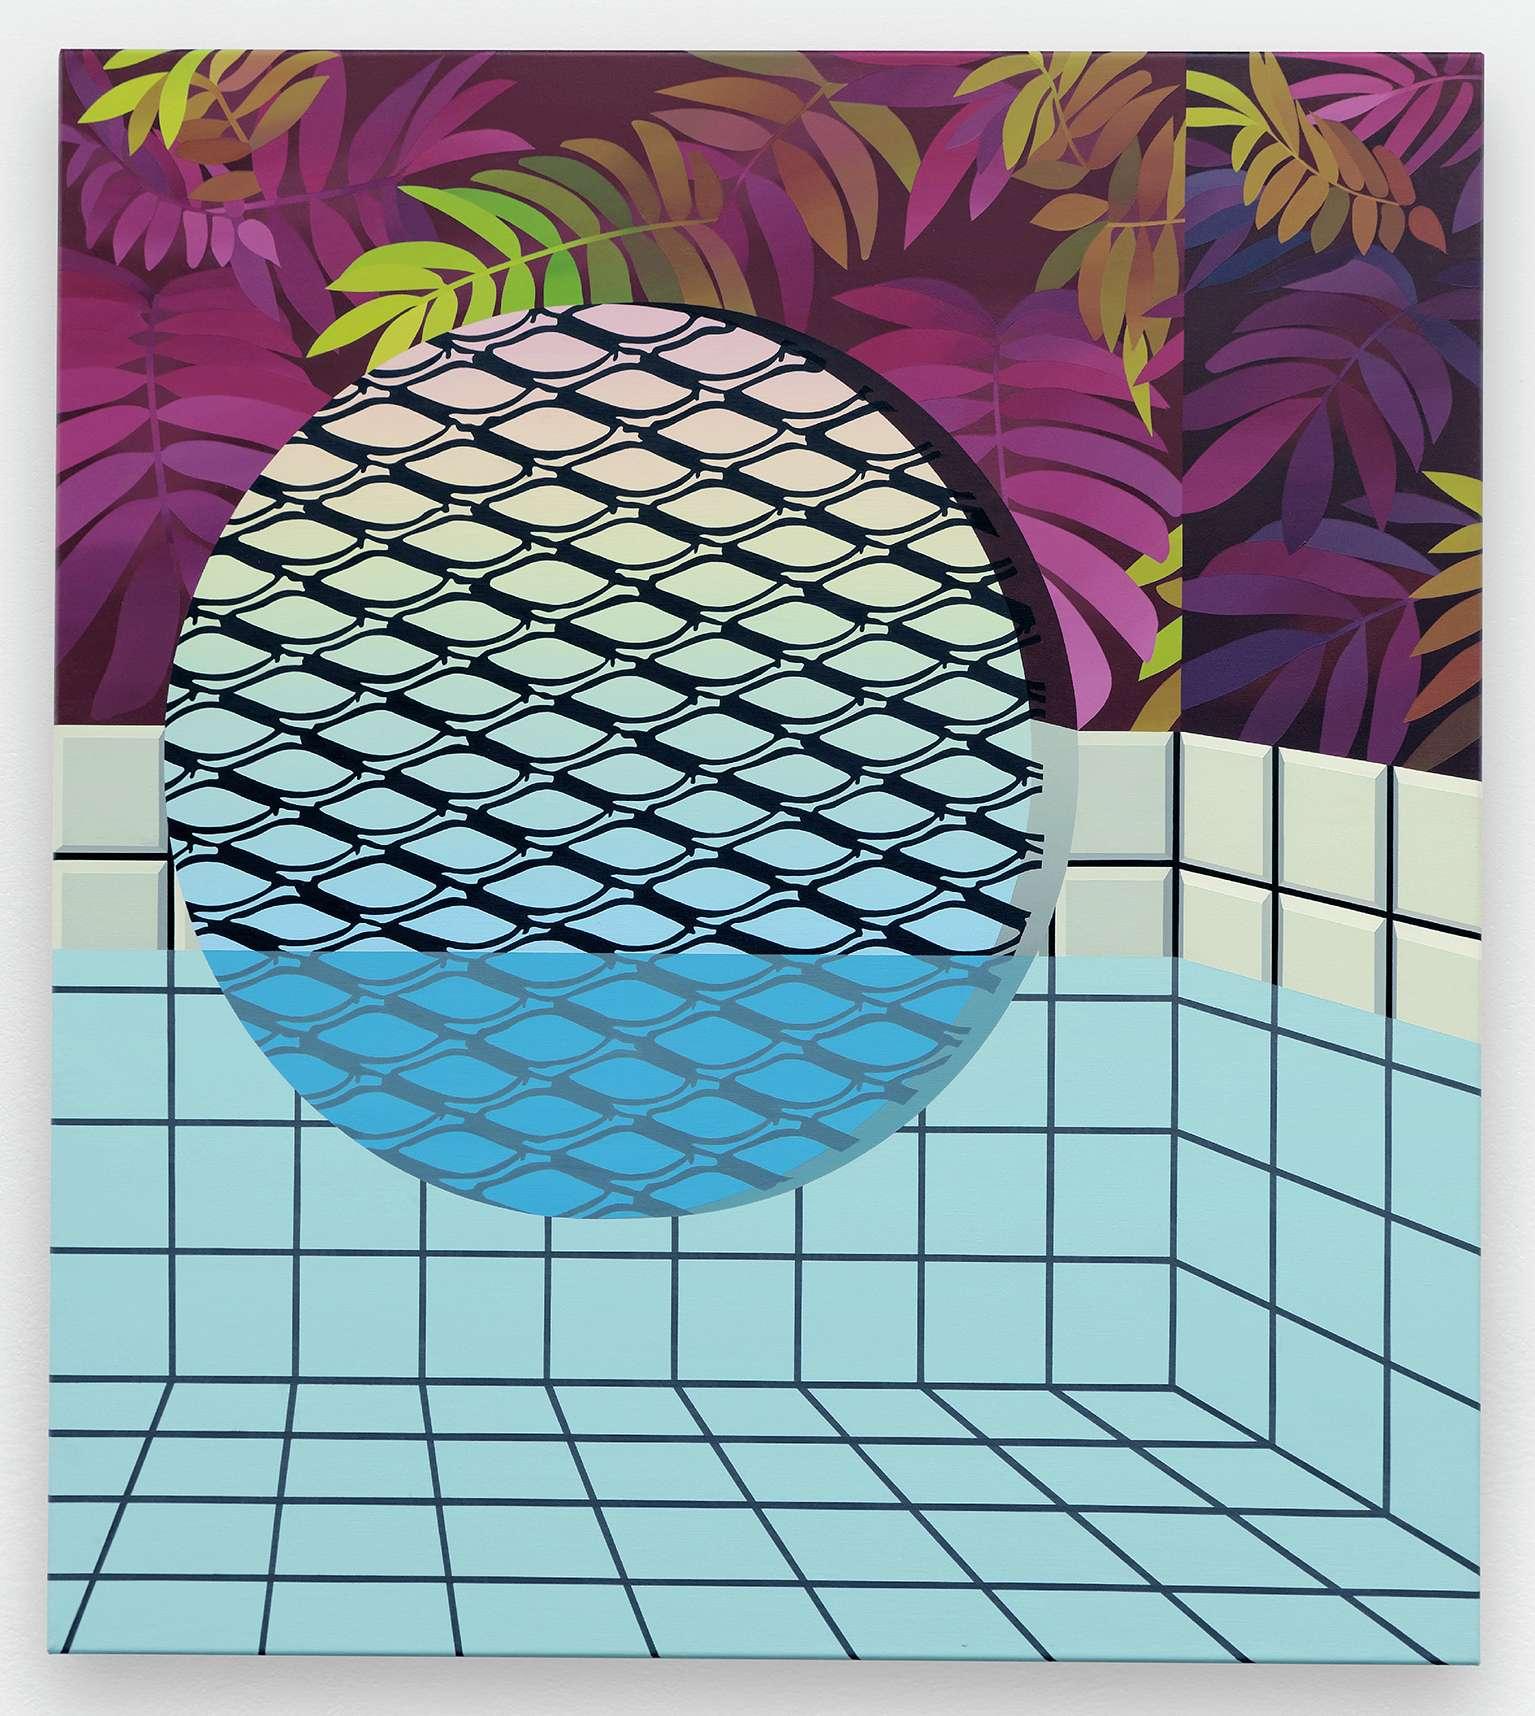 Amélie Bertrand, Sans titre, 2014 Huile sur toile90 × 80 cm / 35 3/8 × 31 1/2 in.